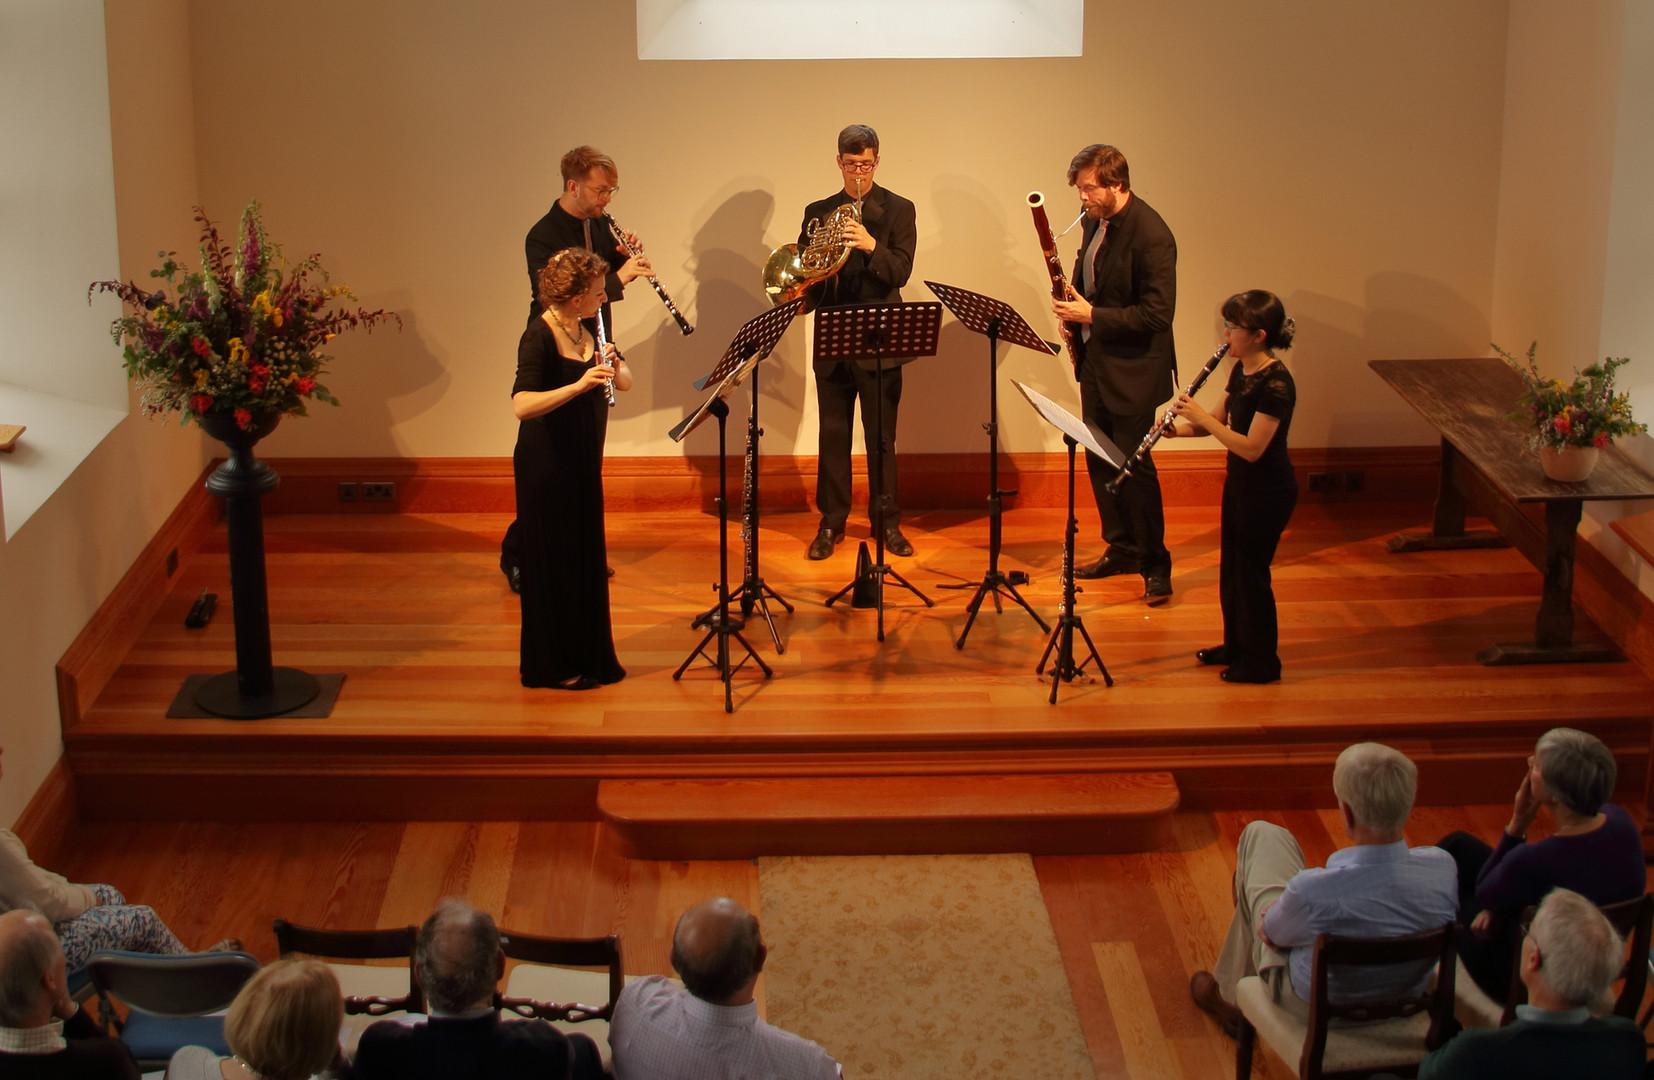 The Atéa Quintet